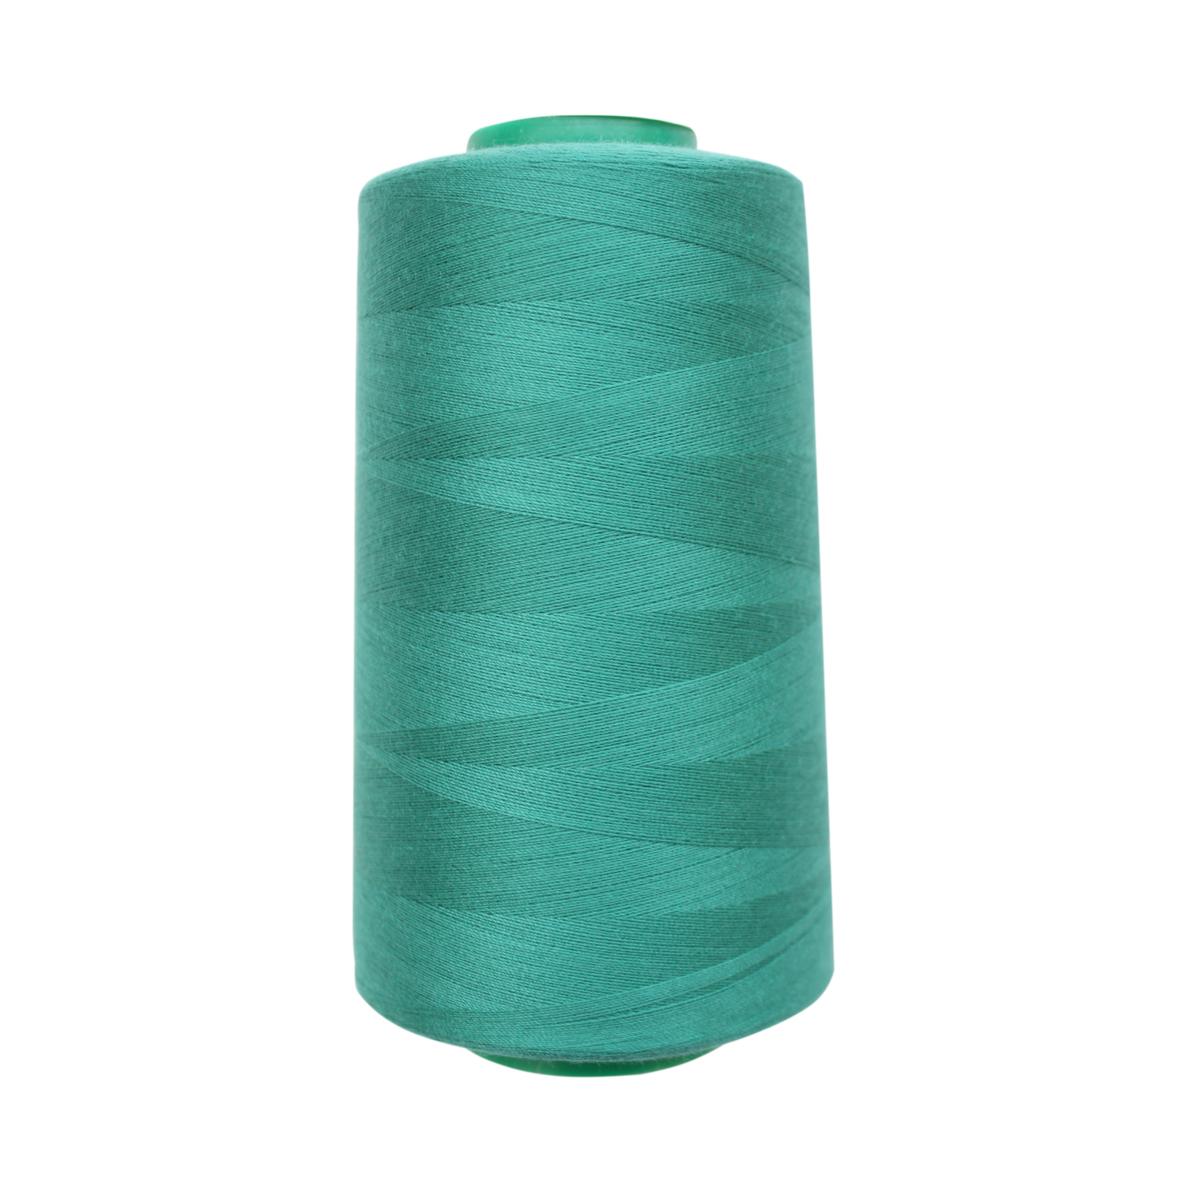 Нитки для шитья Bestex 50/2, 5000 ярд, цвет: ярк.малахит (128)7700936-128Сфера использования: трикотаж; ткани малого веса; оверлочные швы; отделка краев; вышивка. Размер игл №70-80